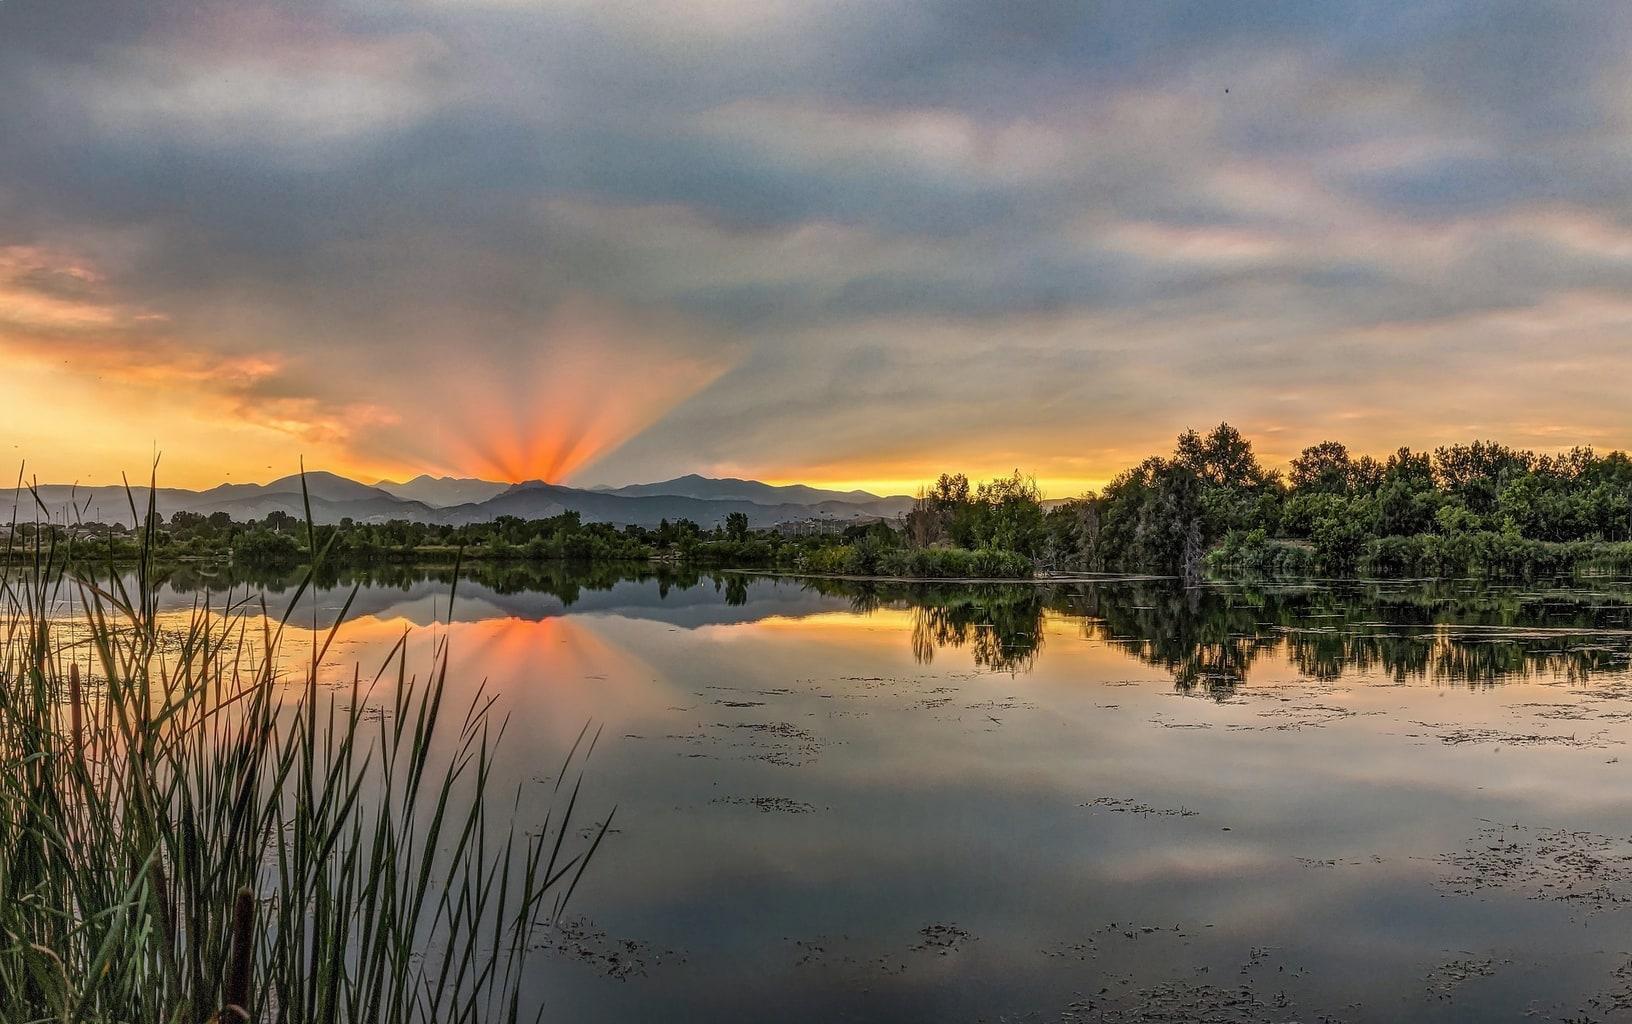 paisaje con lago capturado con un smartphone Google Pixel 4